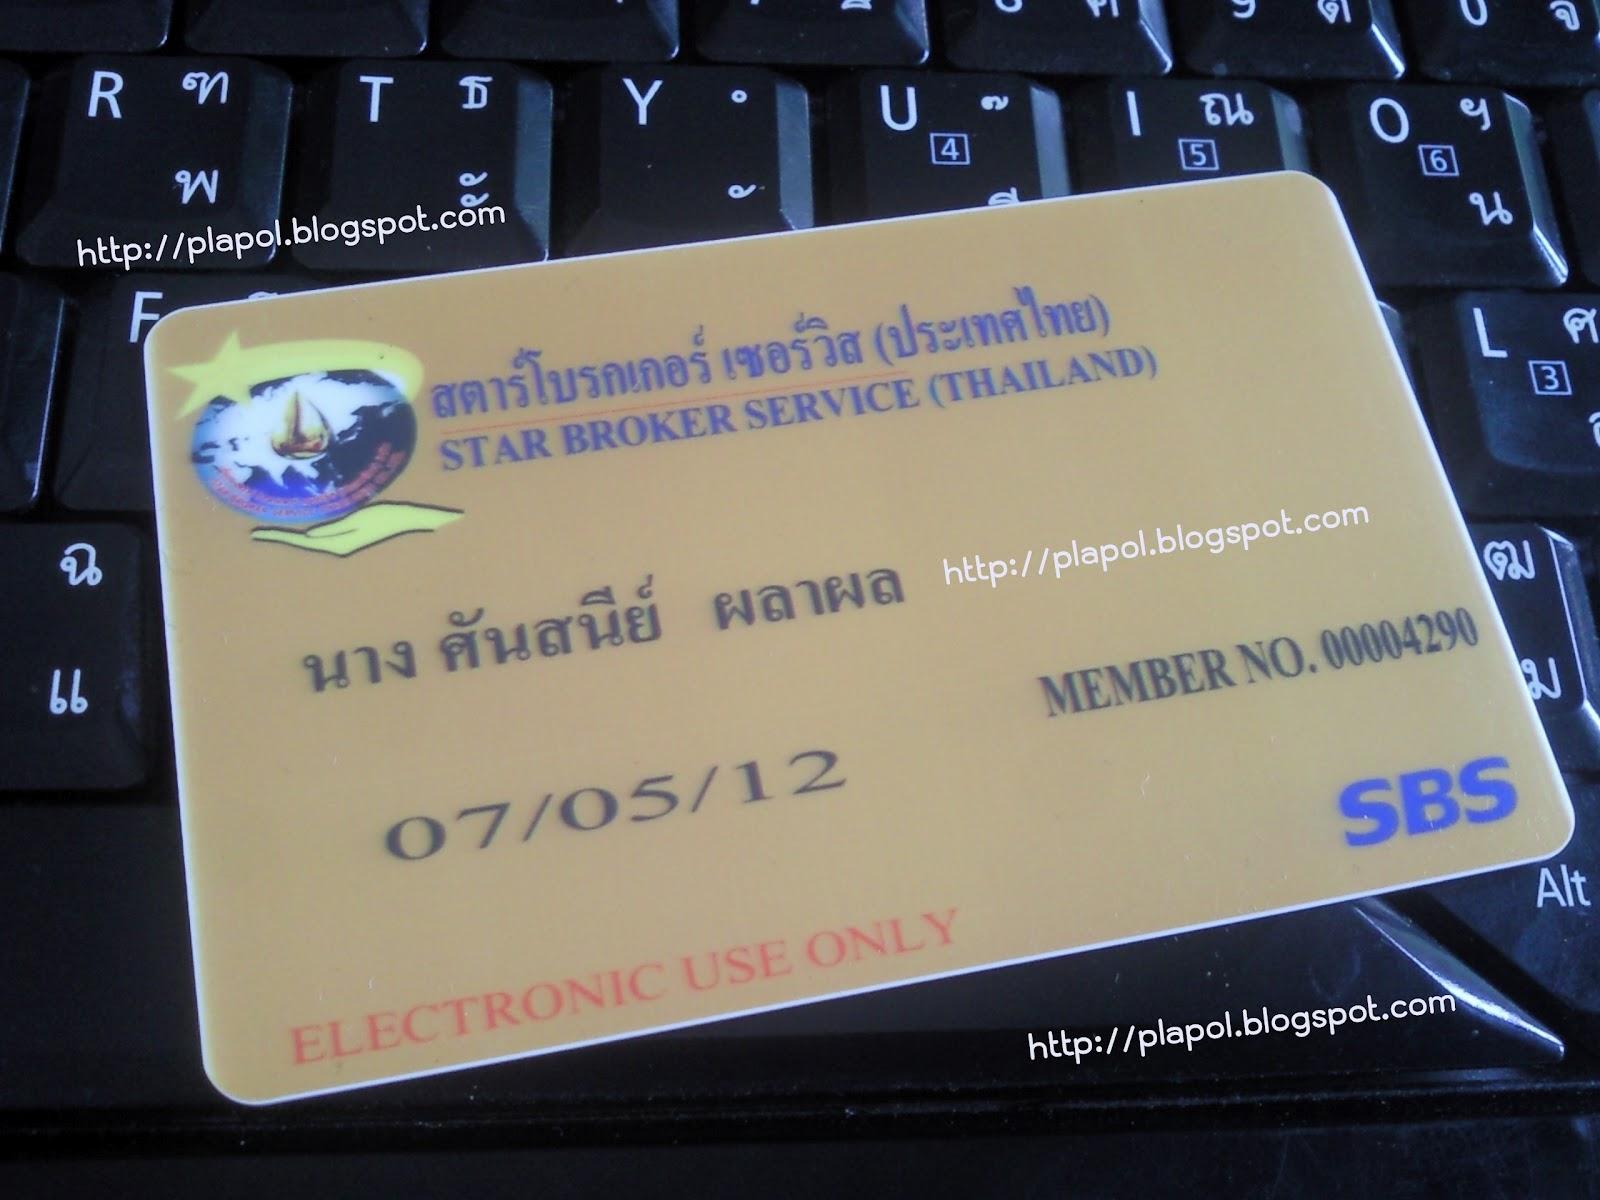 Q e service brokers